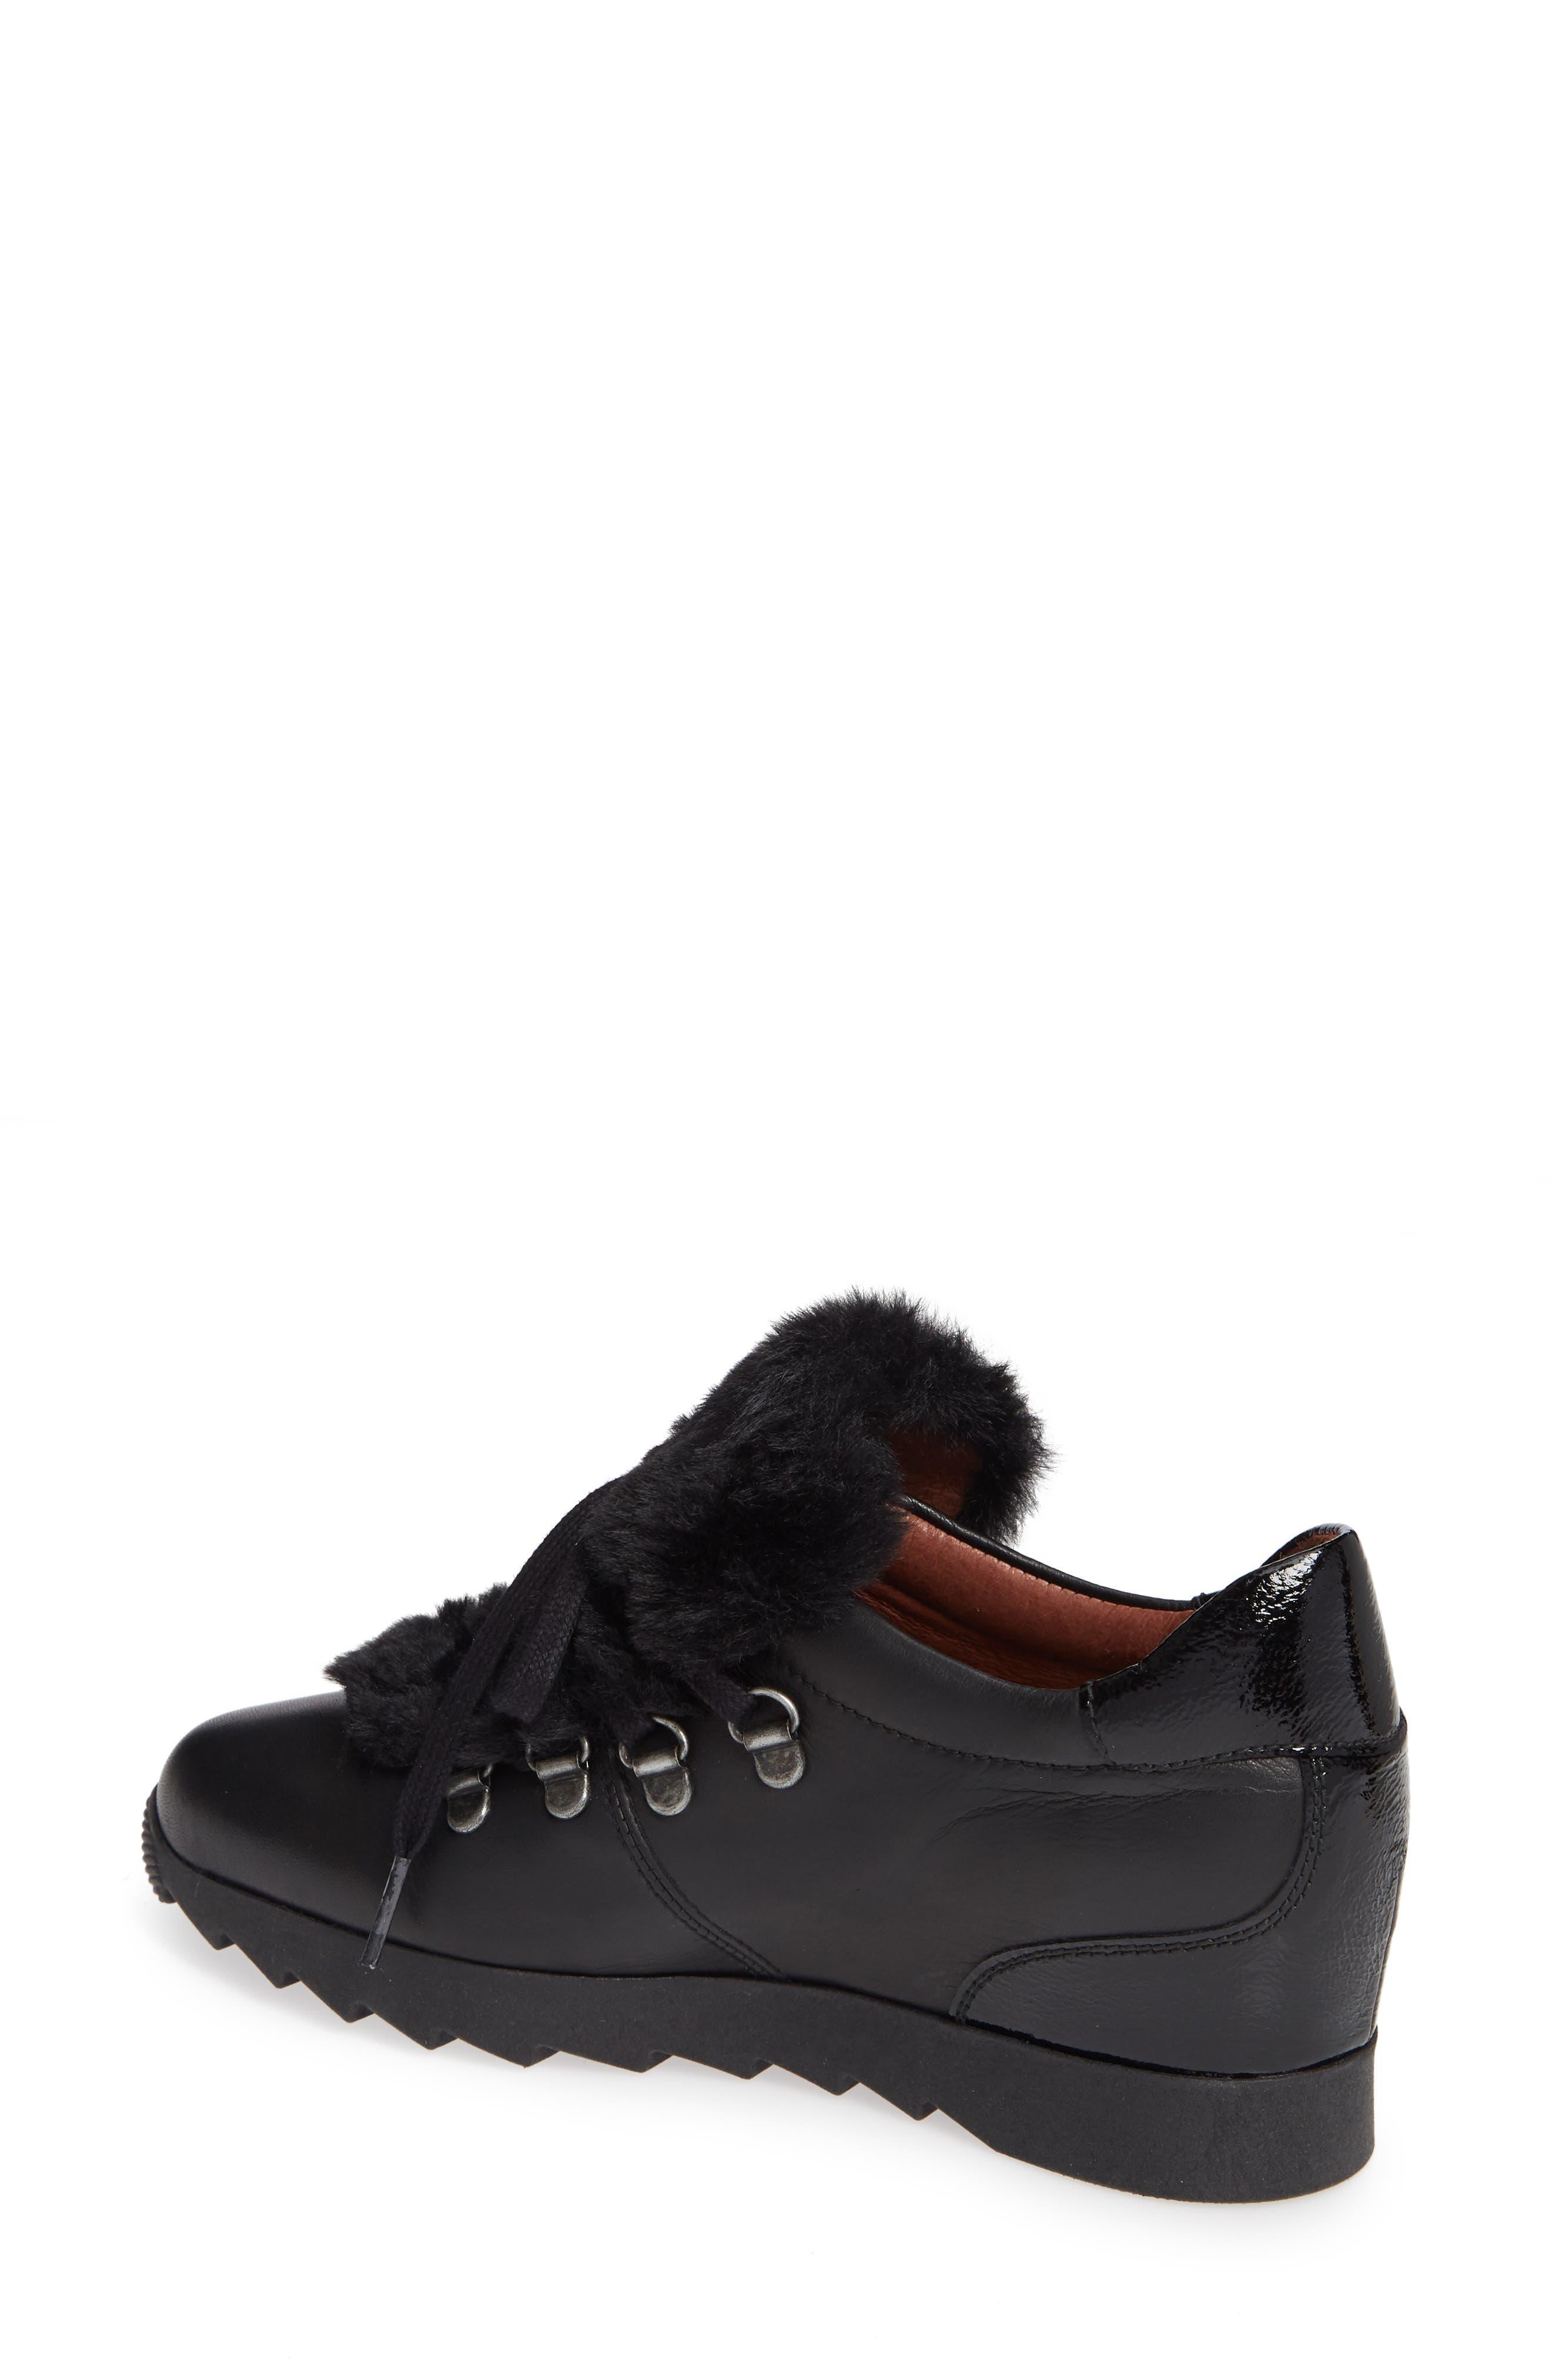 Sadara Wedge Sneaker,                             Alternate thumbnail 2, color,                             SOHO BLACK FAUX FUR